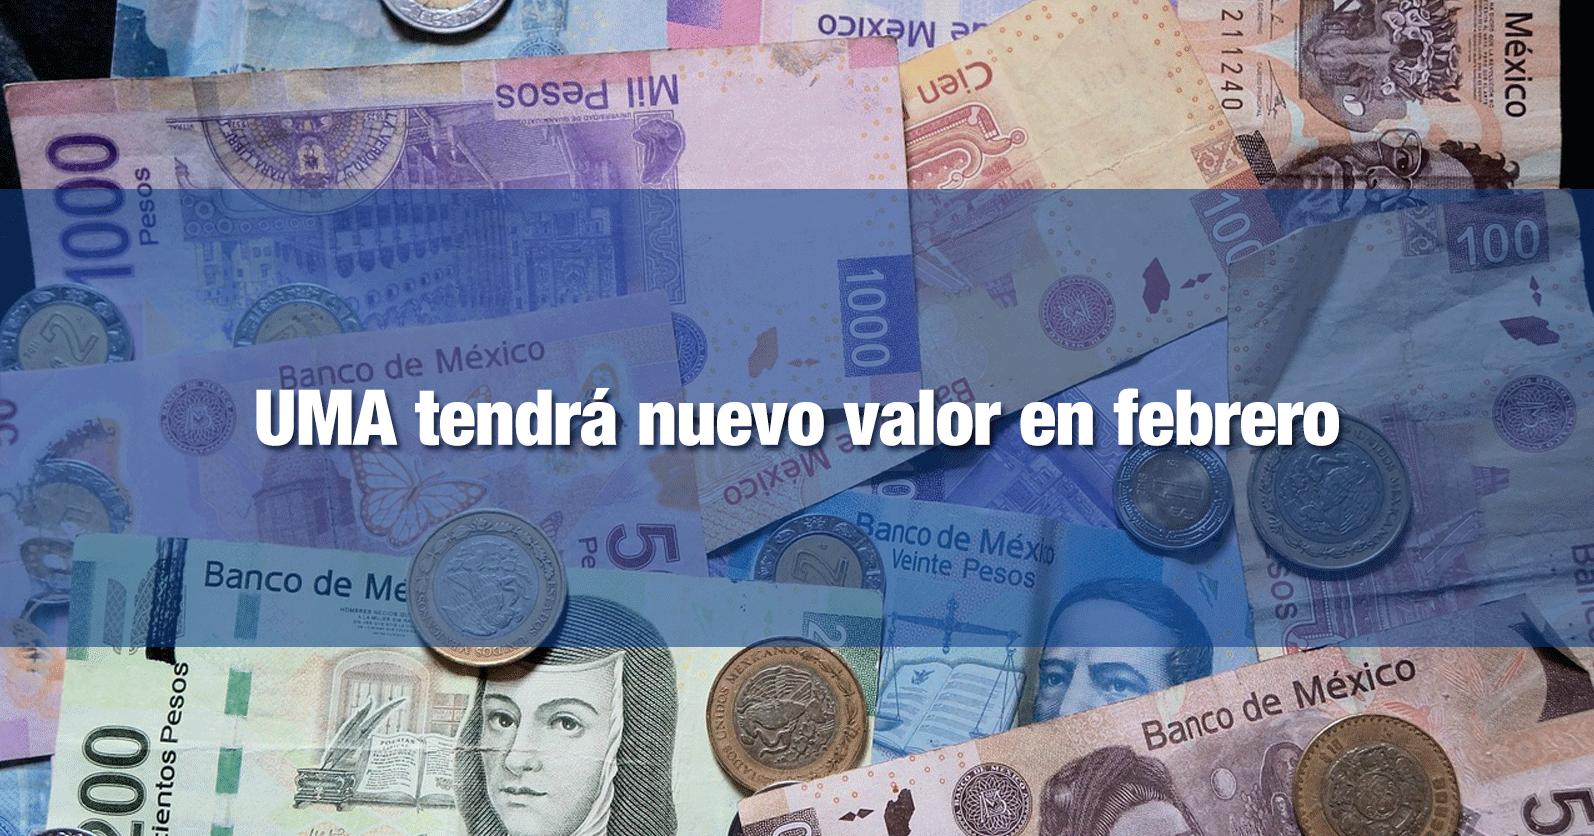 UMA tendrá nuevo valor en febrero